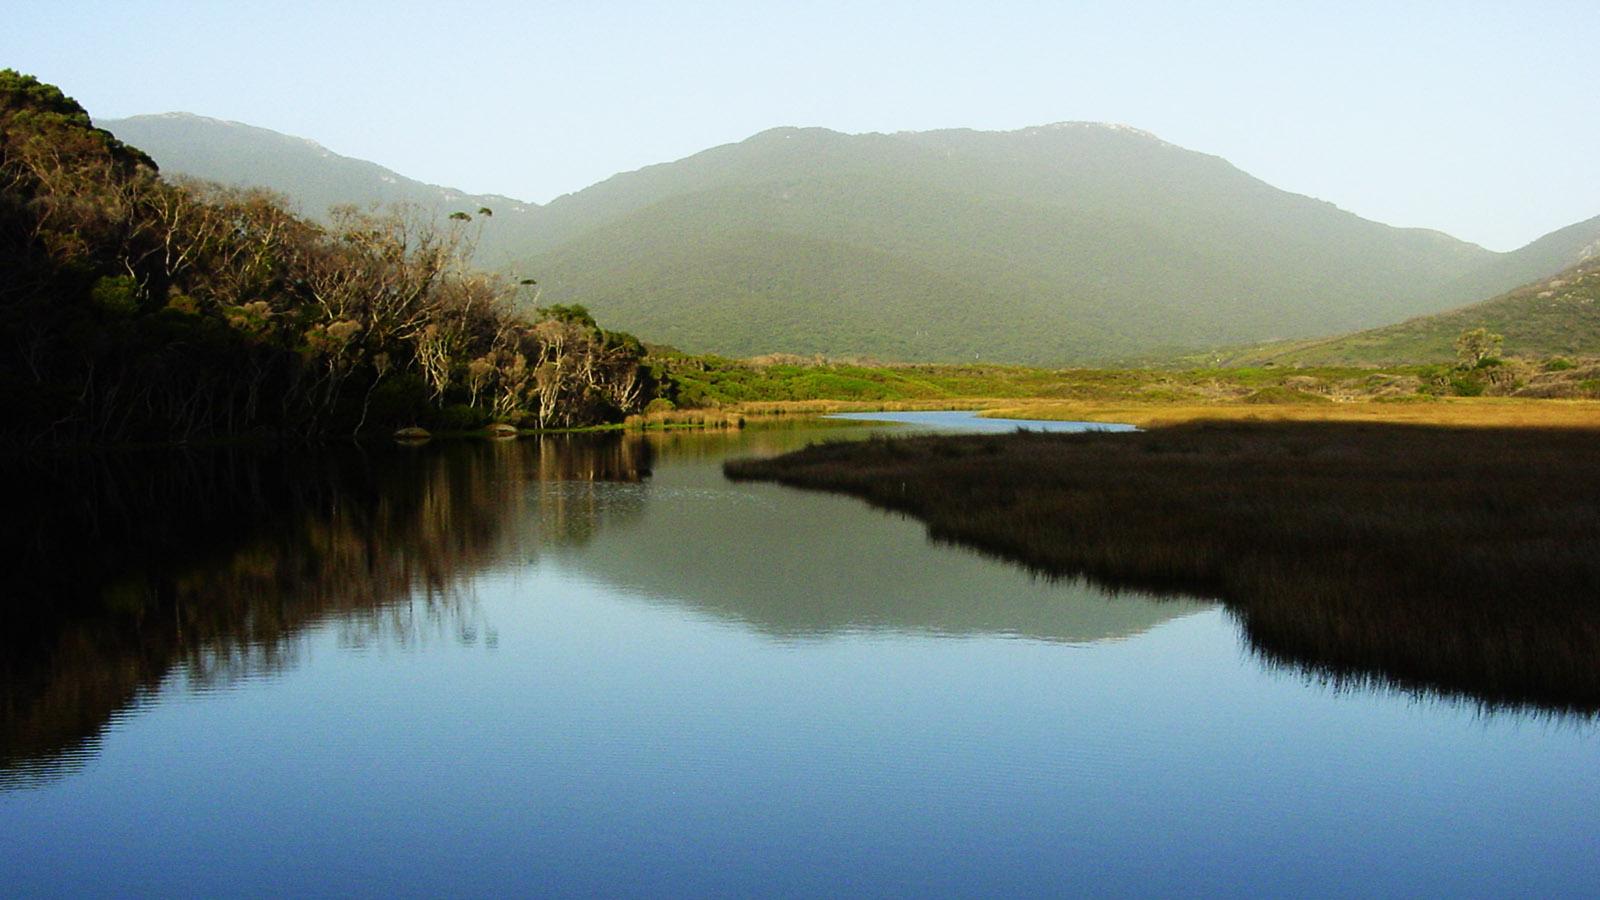 Der Tidal River des Wilsons Prom. Foto: Hilke Maunder